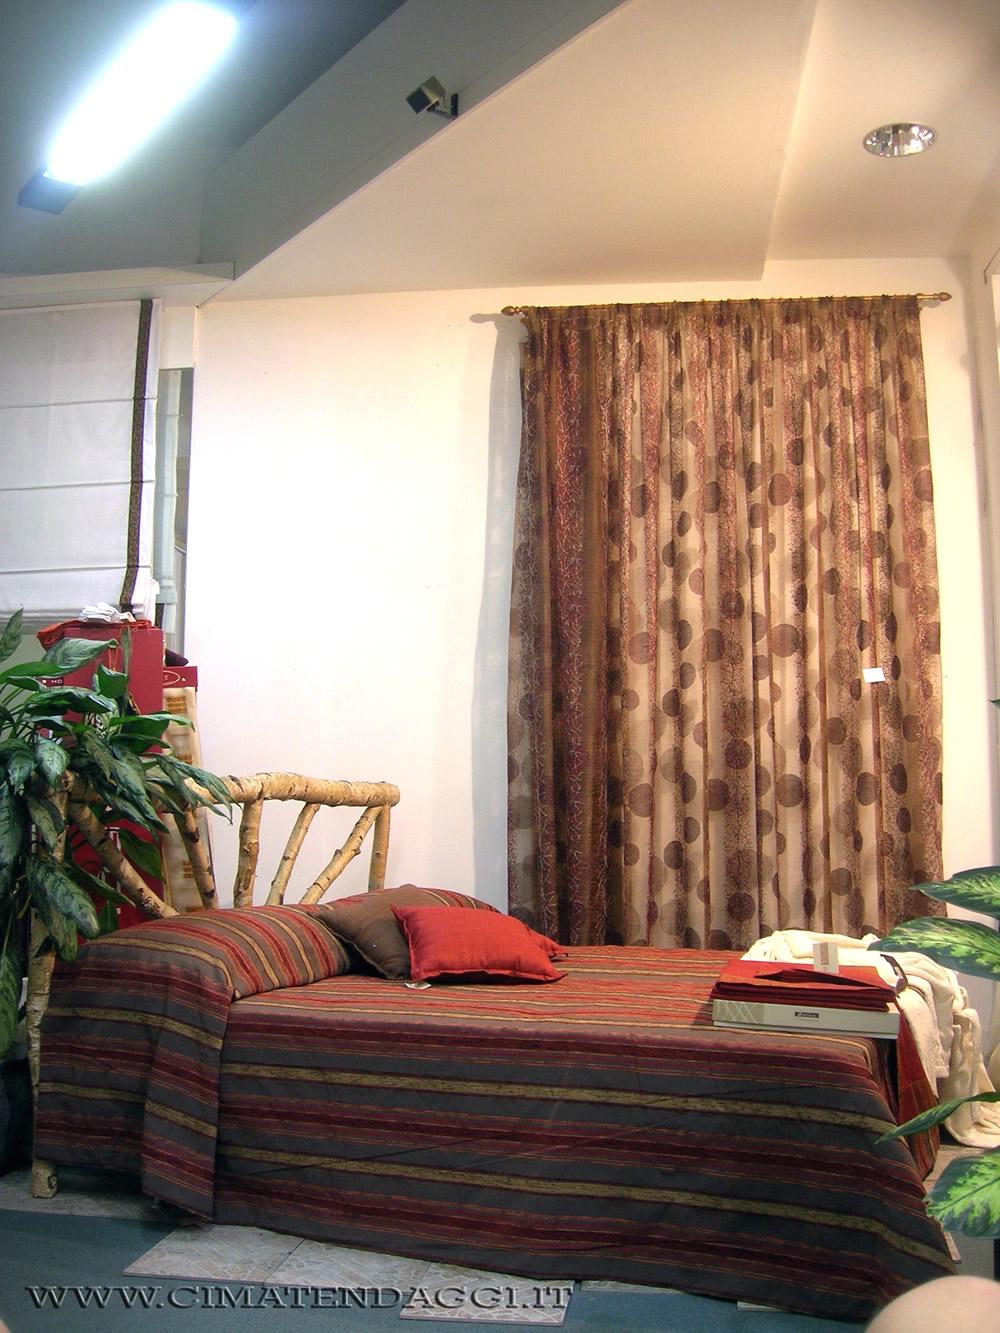 Biancheria per la casa e complementi d 39 arredo torino for Tessuti arredamento torino